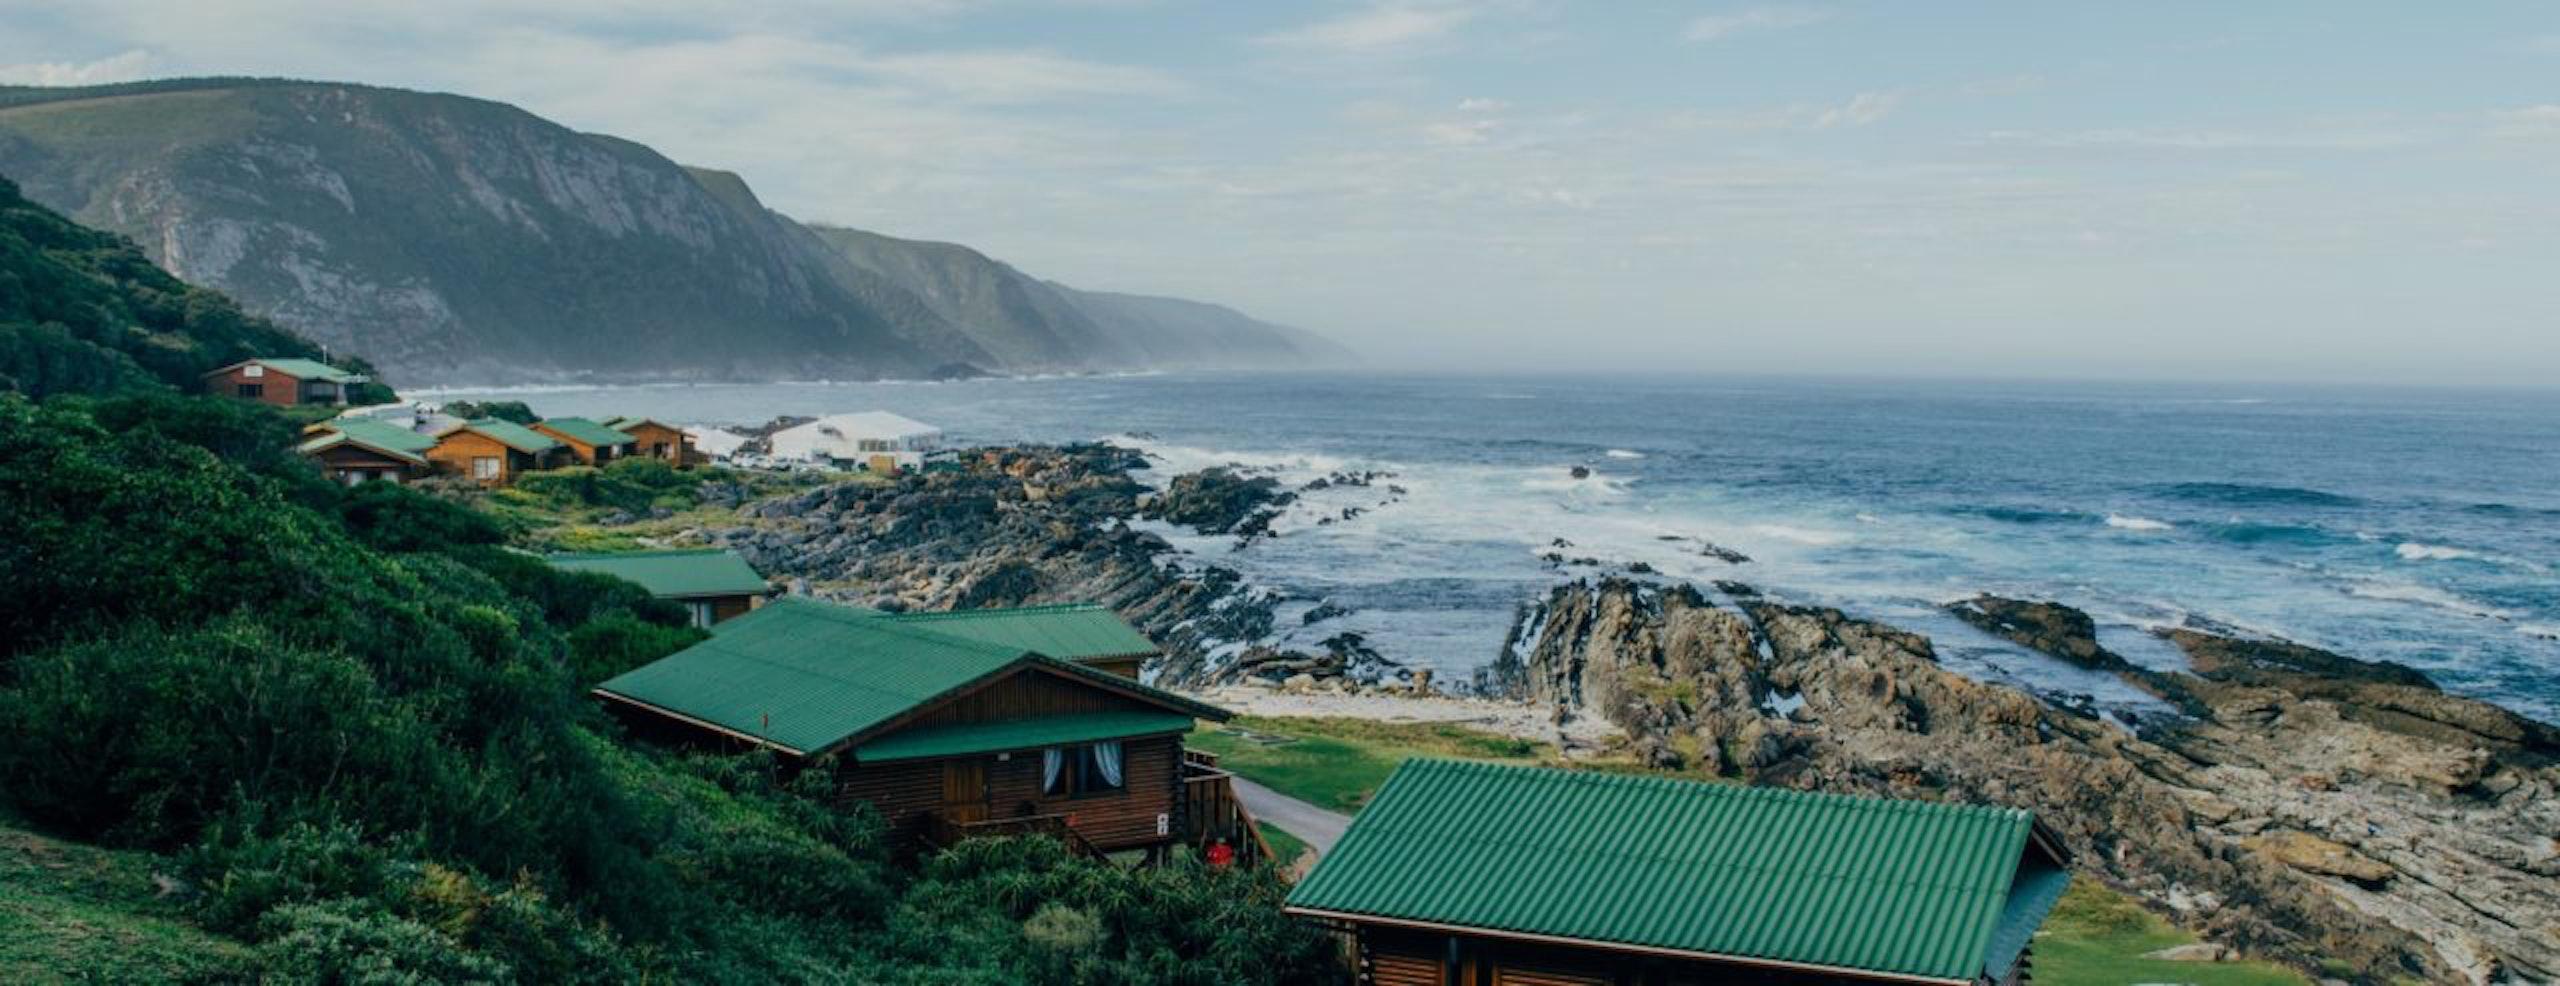 Oost Kaap